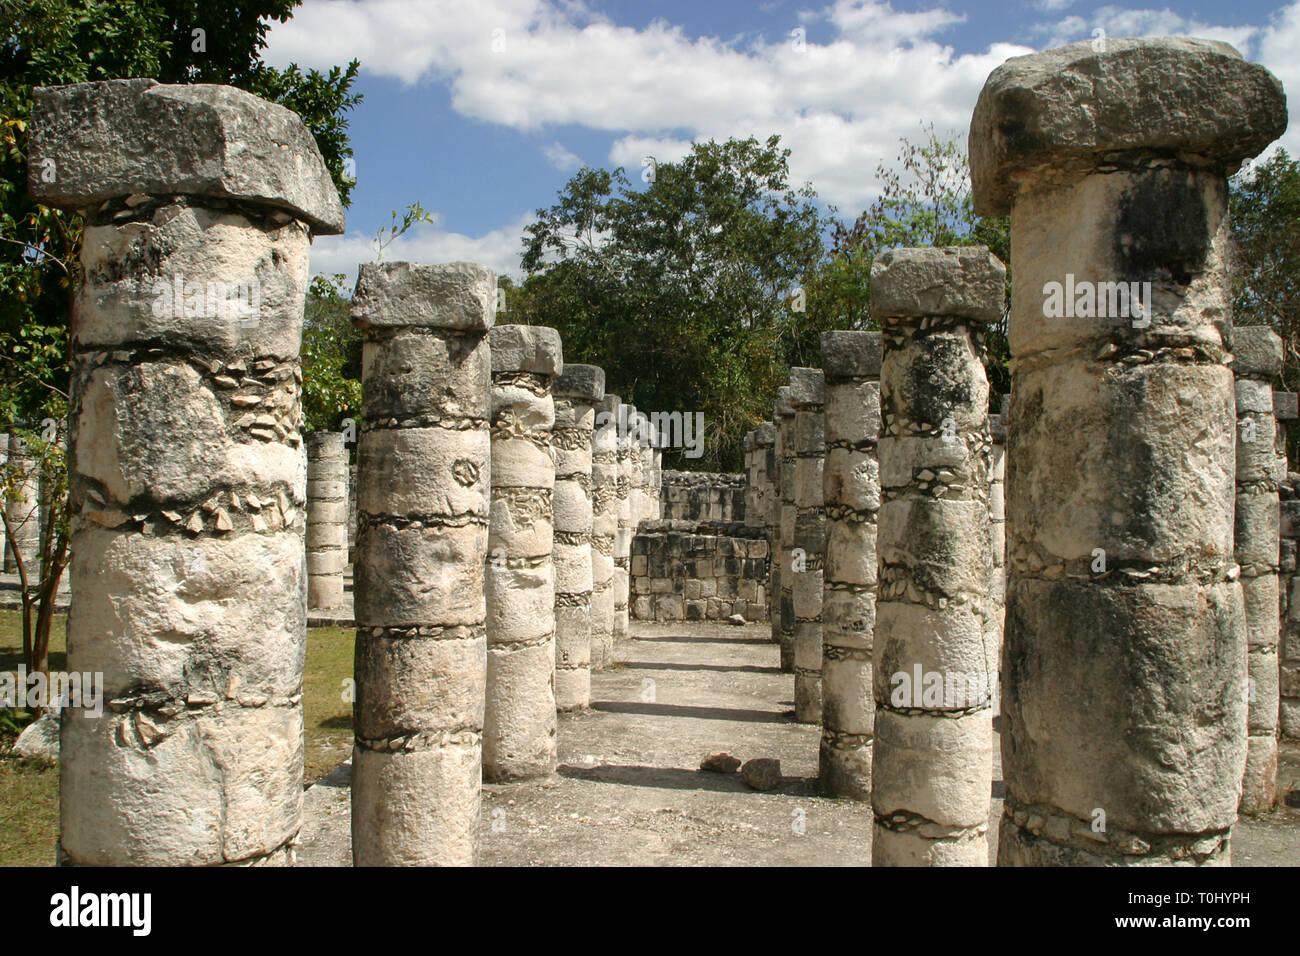 Templo de los Guerreros y de las 1000 Columnas.  Zona arqueologica de Chichen Itza Zona arqueológica    Chichén ItzáChichén Itzá maya: (Chichén) Boca del pozo;   de los (Itzá) brujos de agua.   Es uno de los principales sitios arqueológicos de la   península de Yucatán, en México, ubicado en el municipio de Tinum.  *Photo:*©Francisco* Morales/DAMMPHOTO.COM/NORTEPHOTO - Stock Image